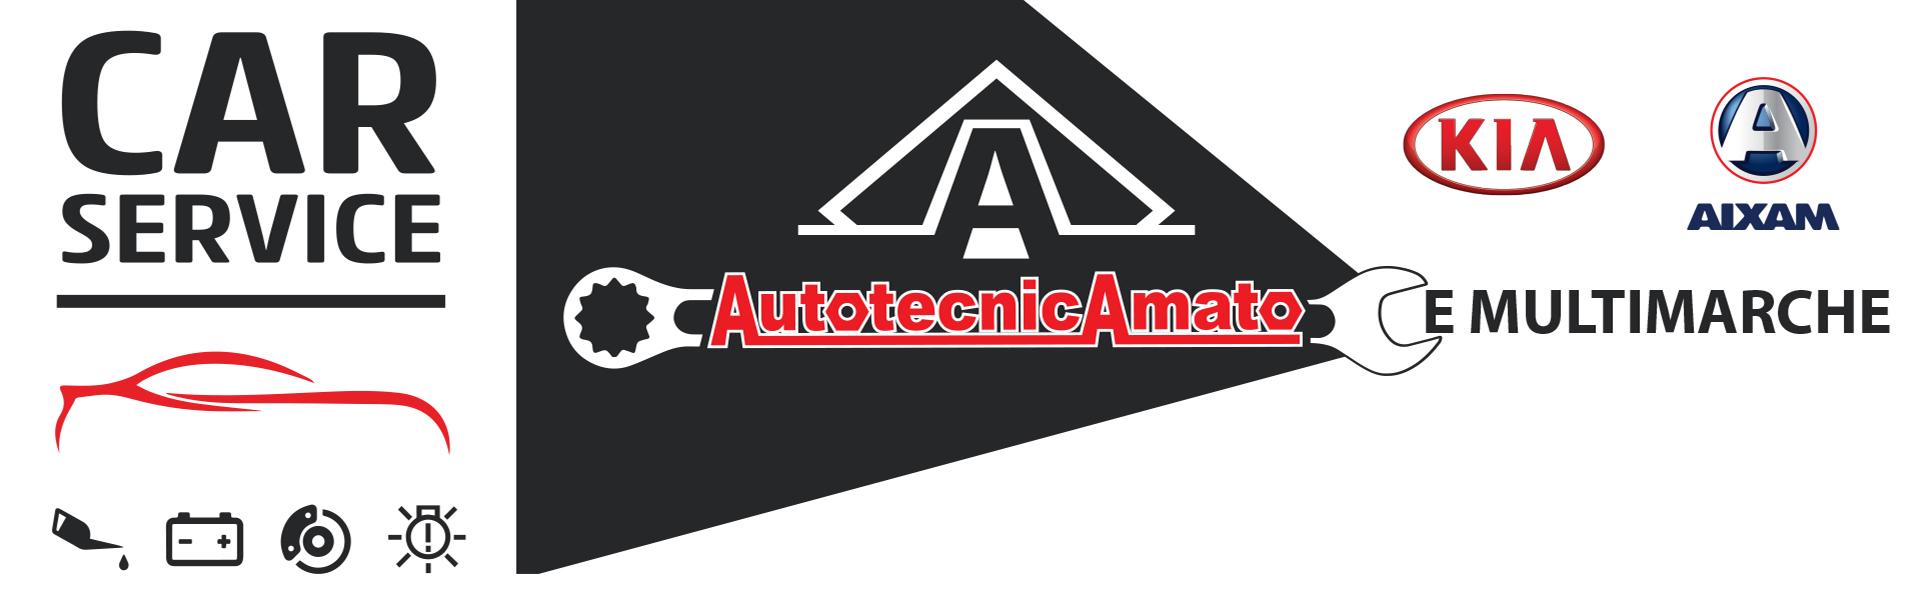 Car Service AutotecnicAmato